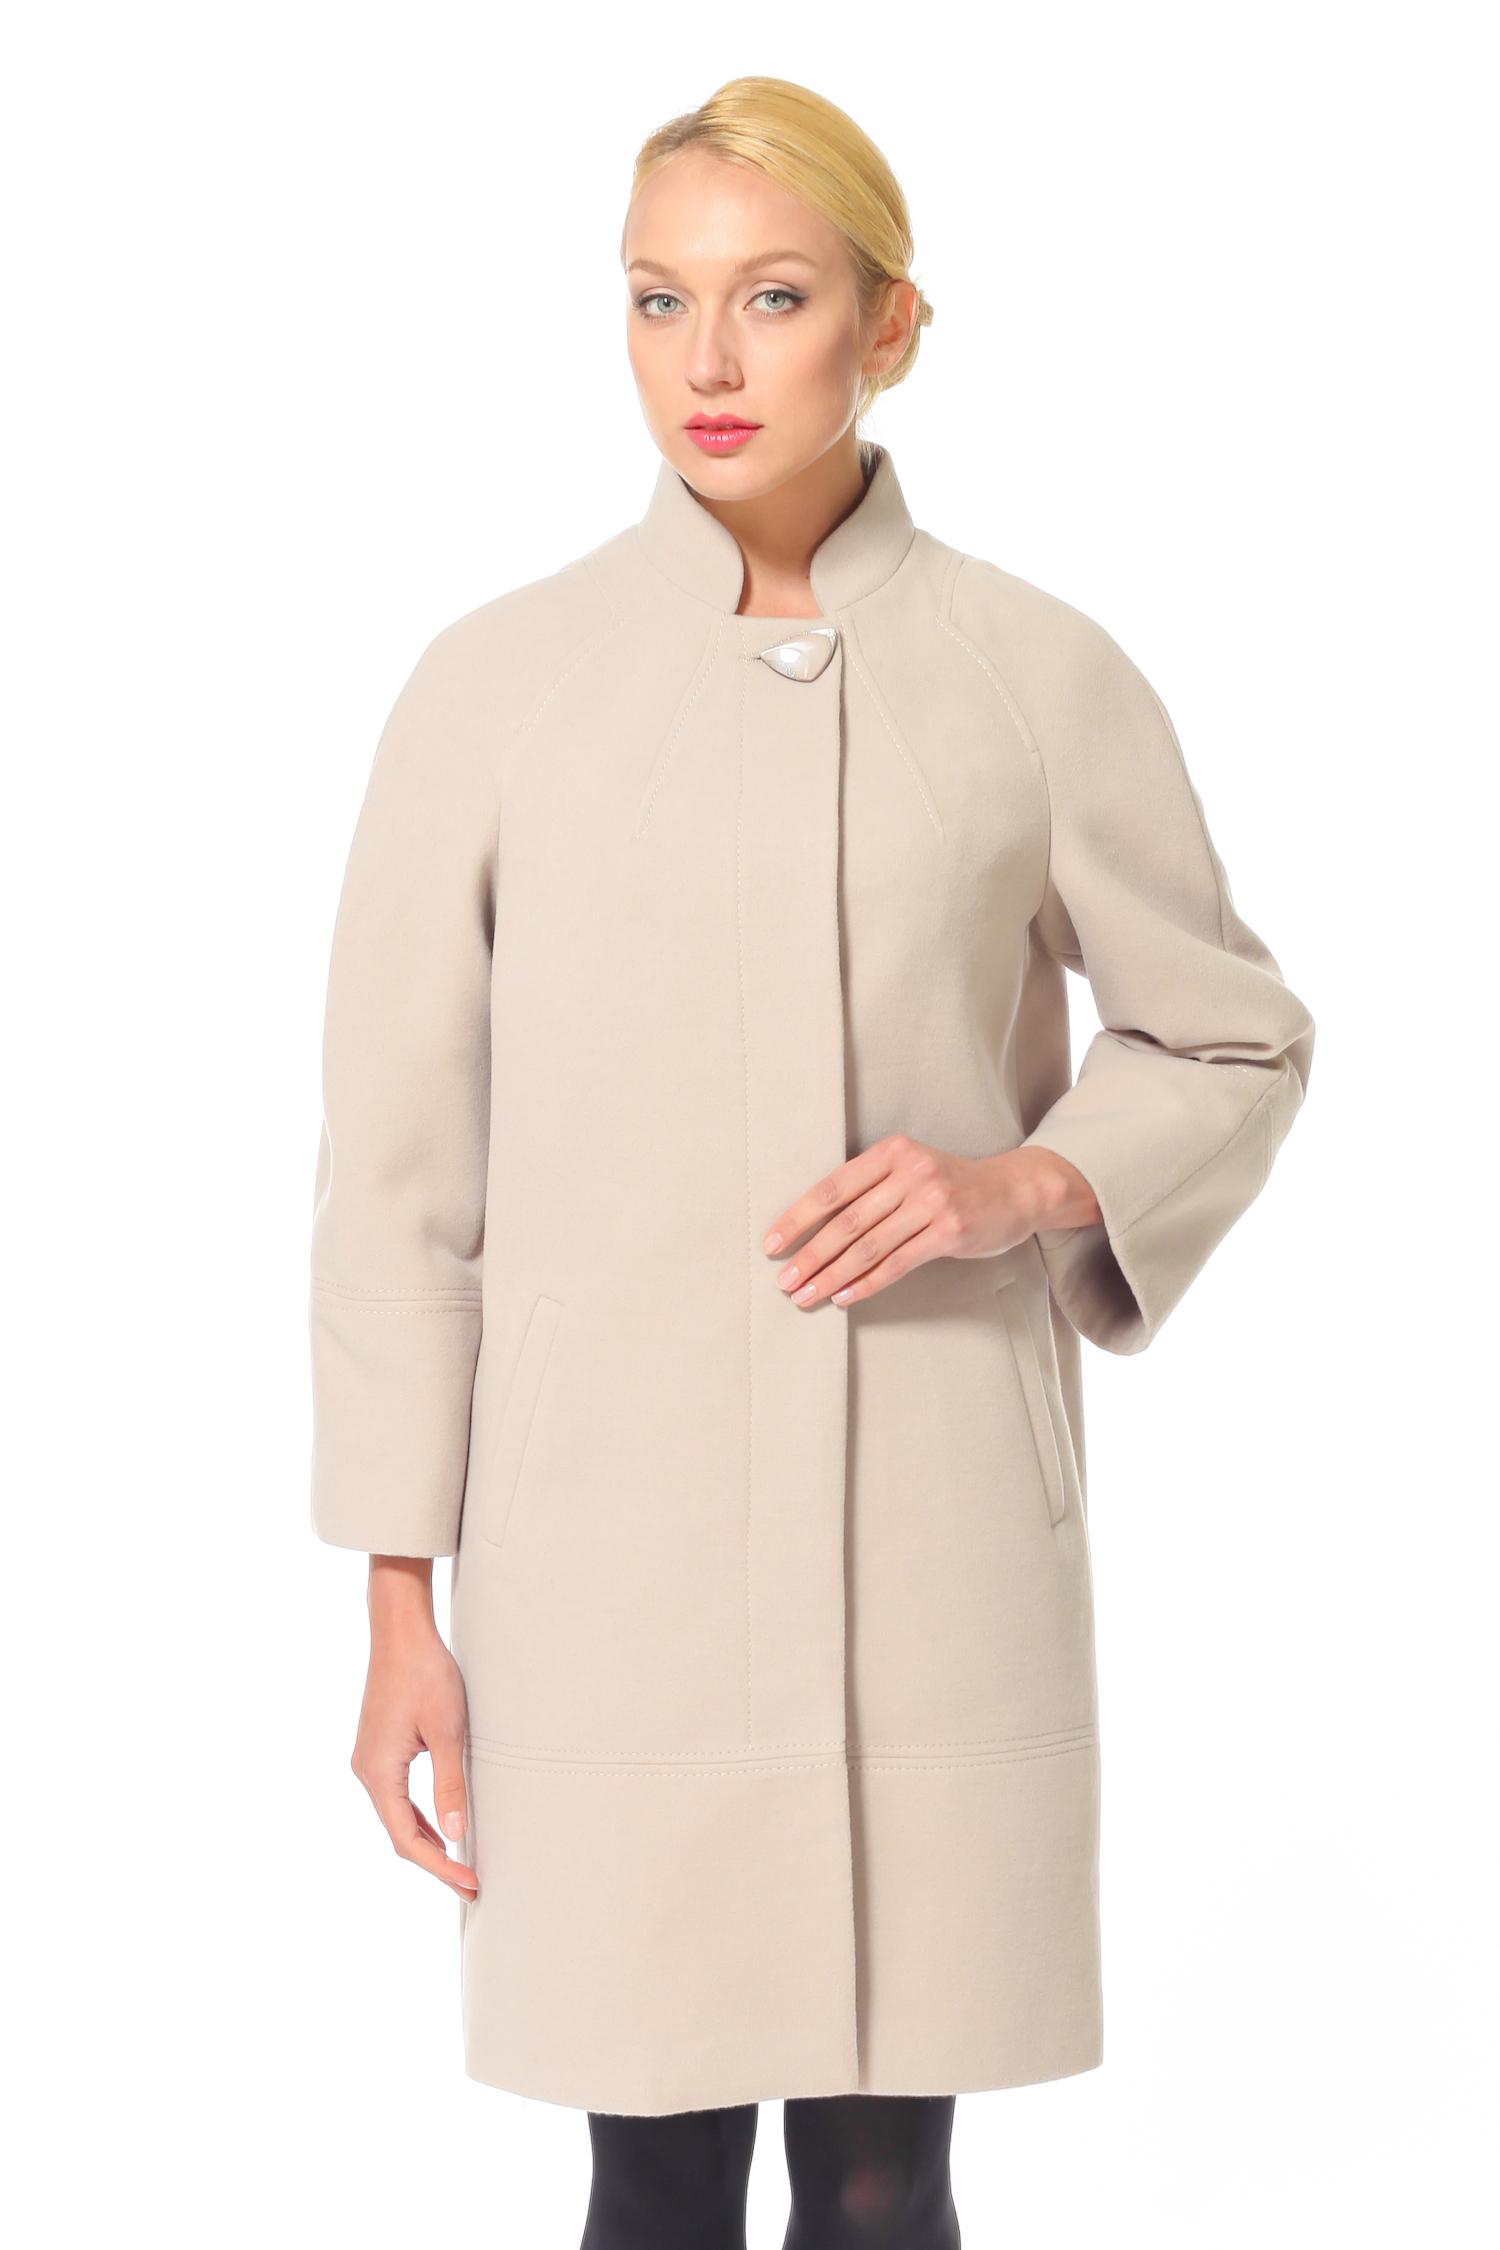 Женское пальто с воротником, без отделки<br><br>Воротник: Оригинальный<br>Длина см: 95<br>Материал: 55% шерсть 45% полиамид<br>Цвет: Бежевый<br>Пол: Женский